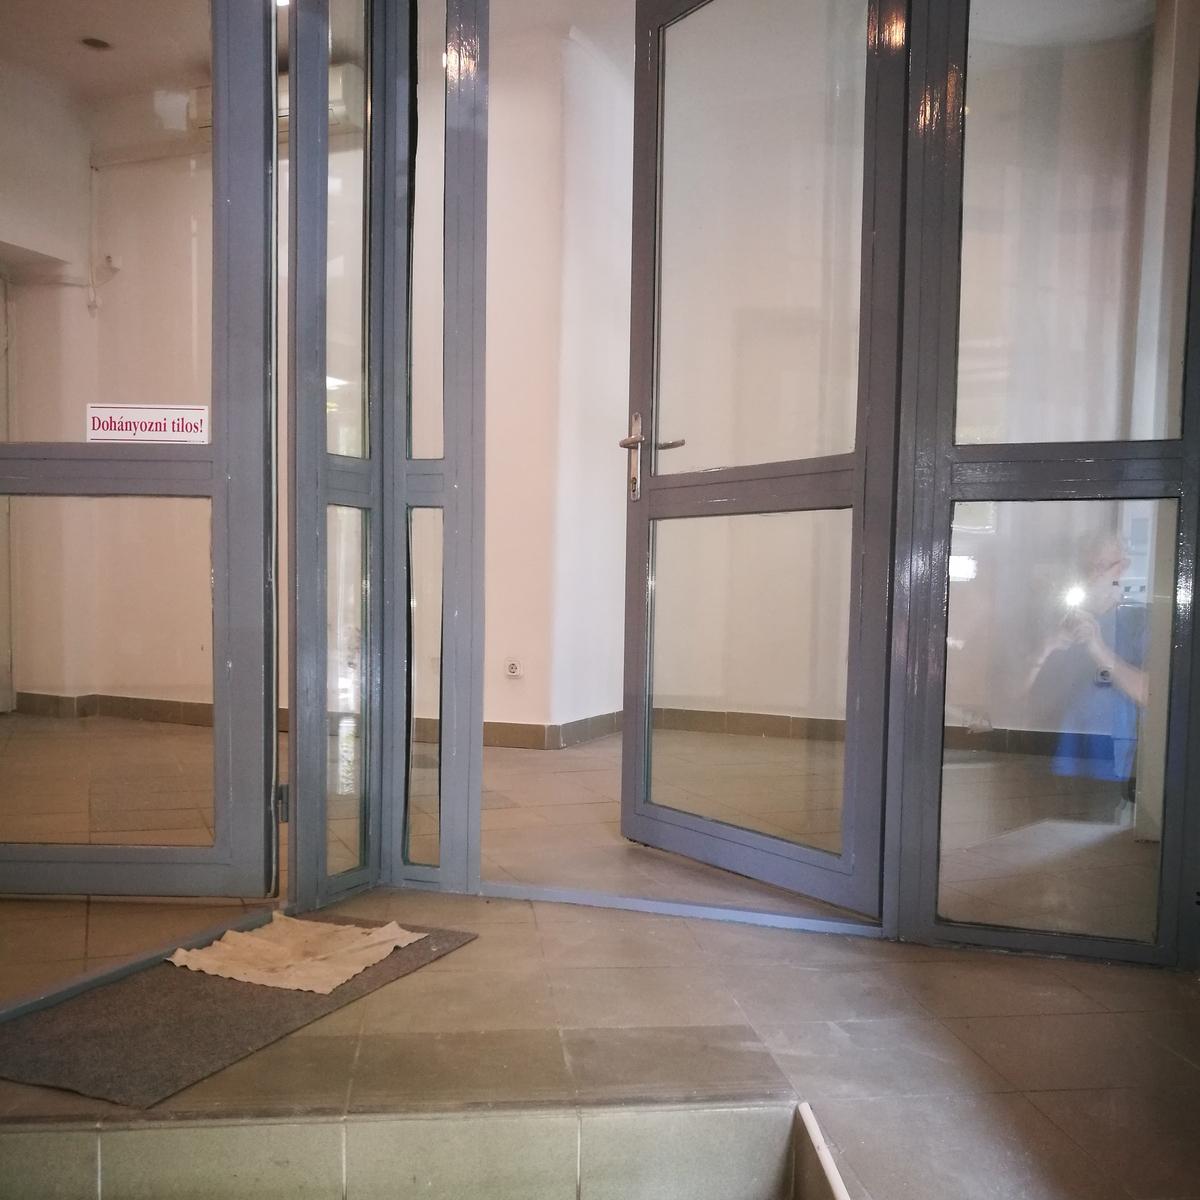 Kiadó  üzlethelyiség utcai bejáratos (Hajdú-Bihar megye, Debrecen, Barna utca) 140 E  Ft/hó